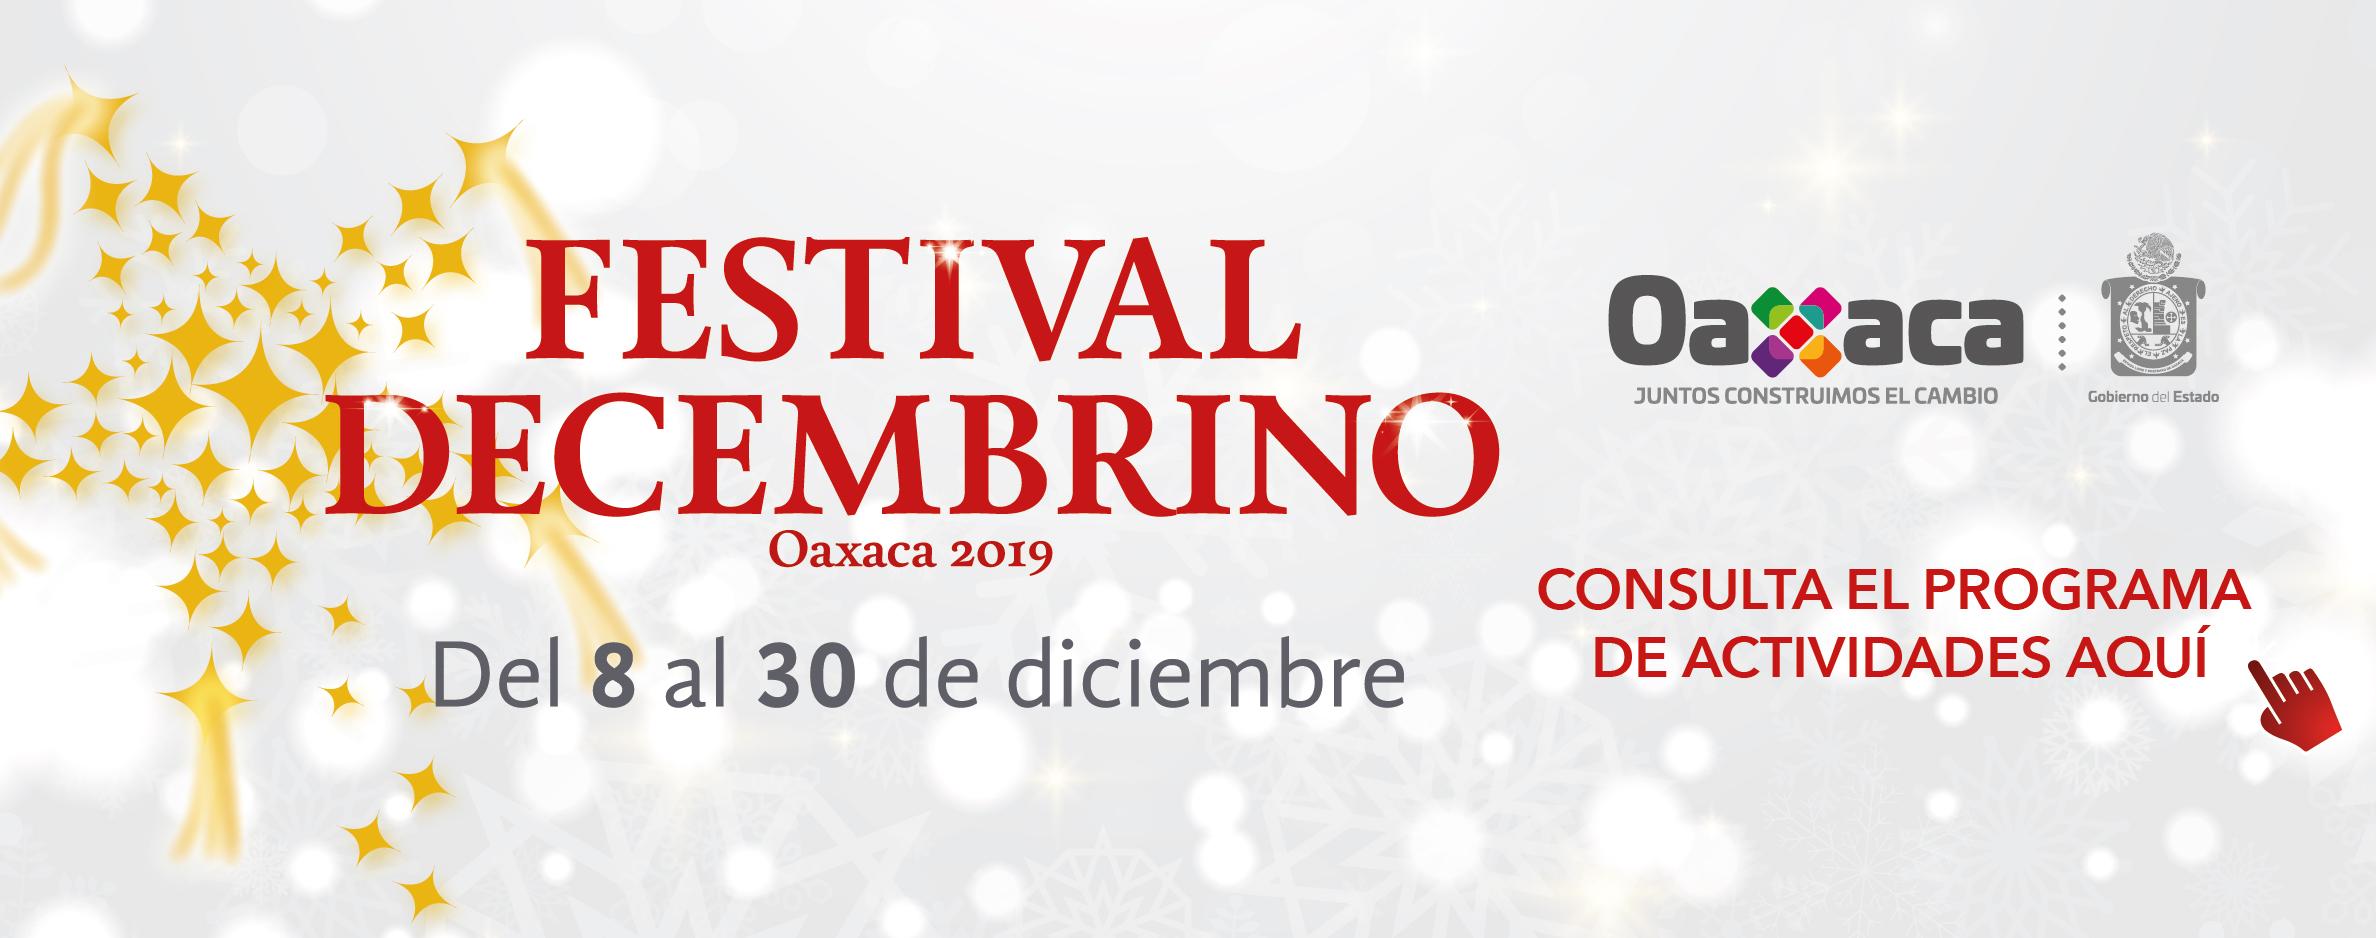 Festival Decembrino 2019